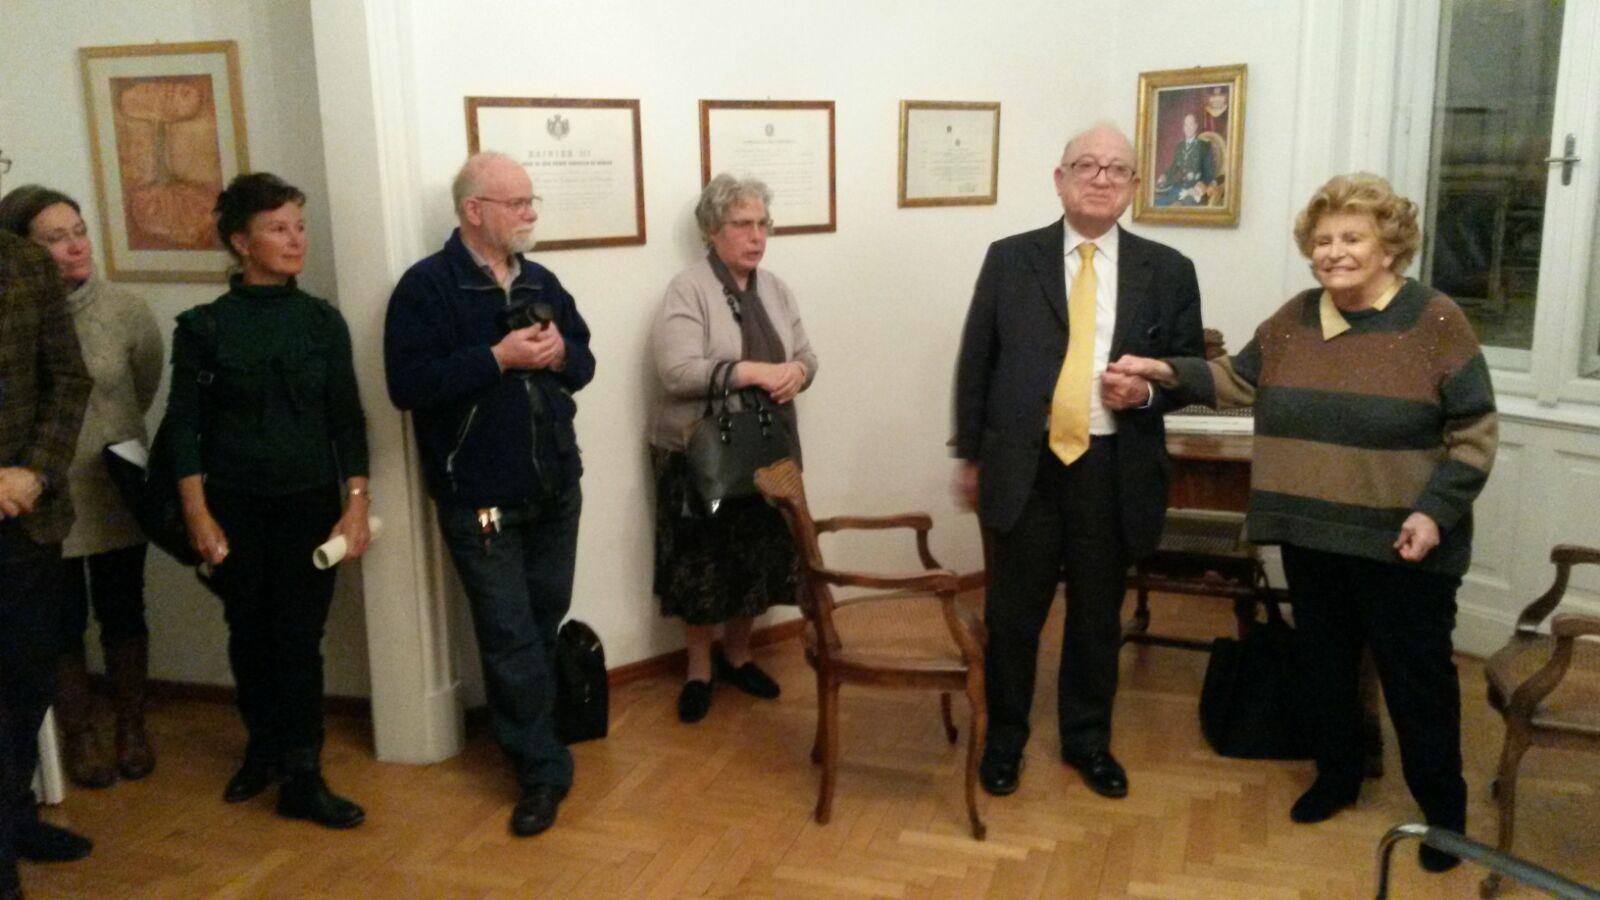 La presidente Carignani e il Dottor Pianciamore presentano la ONLUS di Hazel Marie Cole al pubblico intervenuto alla cerimonia della premiazione dei tre triestini.